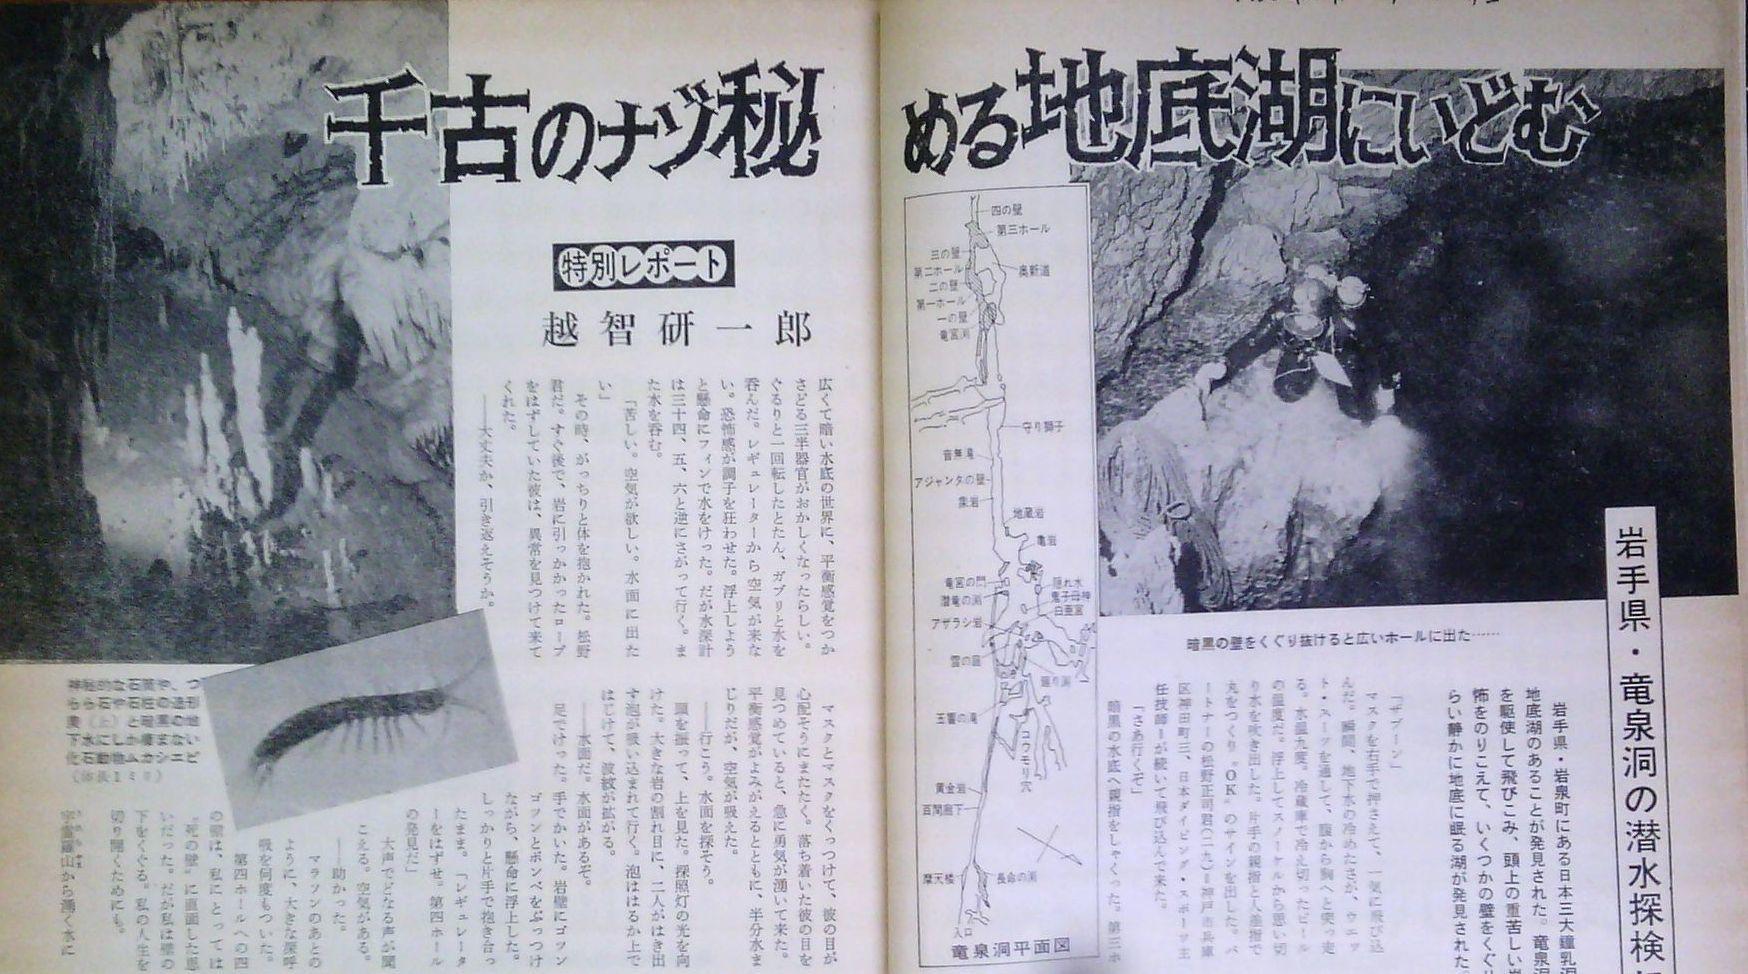 0325 ダイビングの歴史57 海の世界 1968-02_b0075059_14141985.jpg